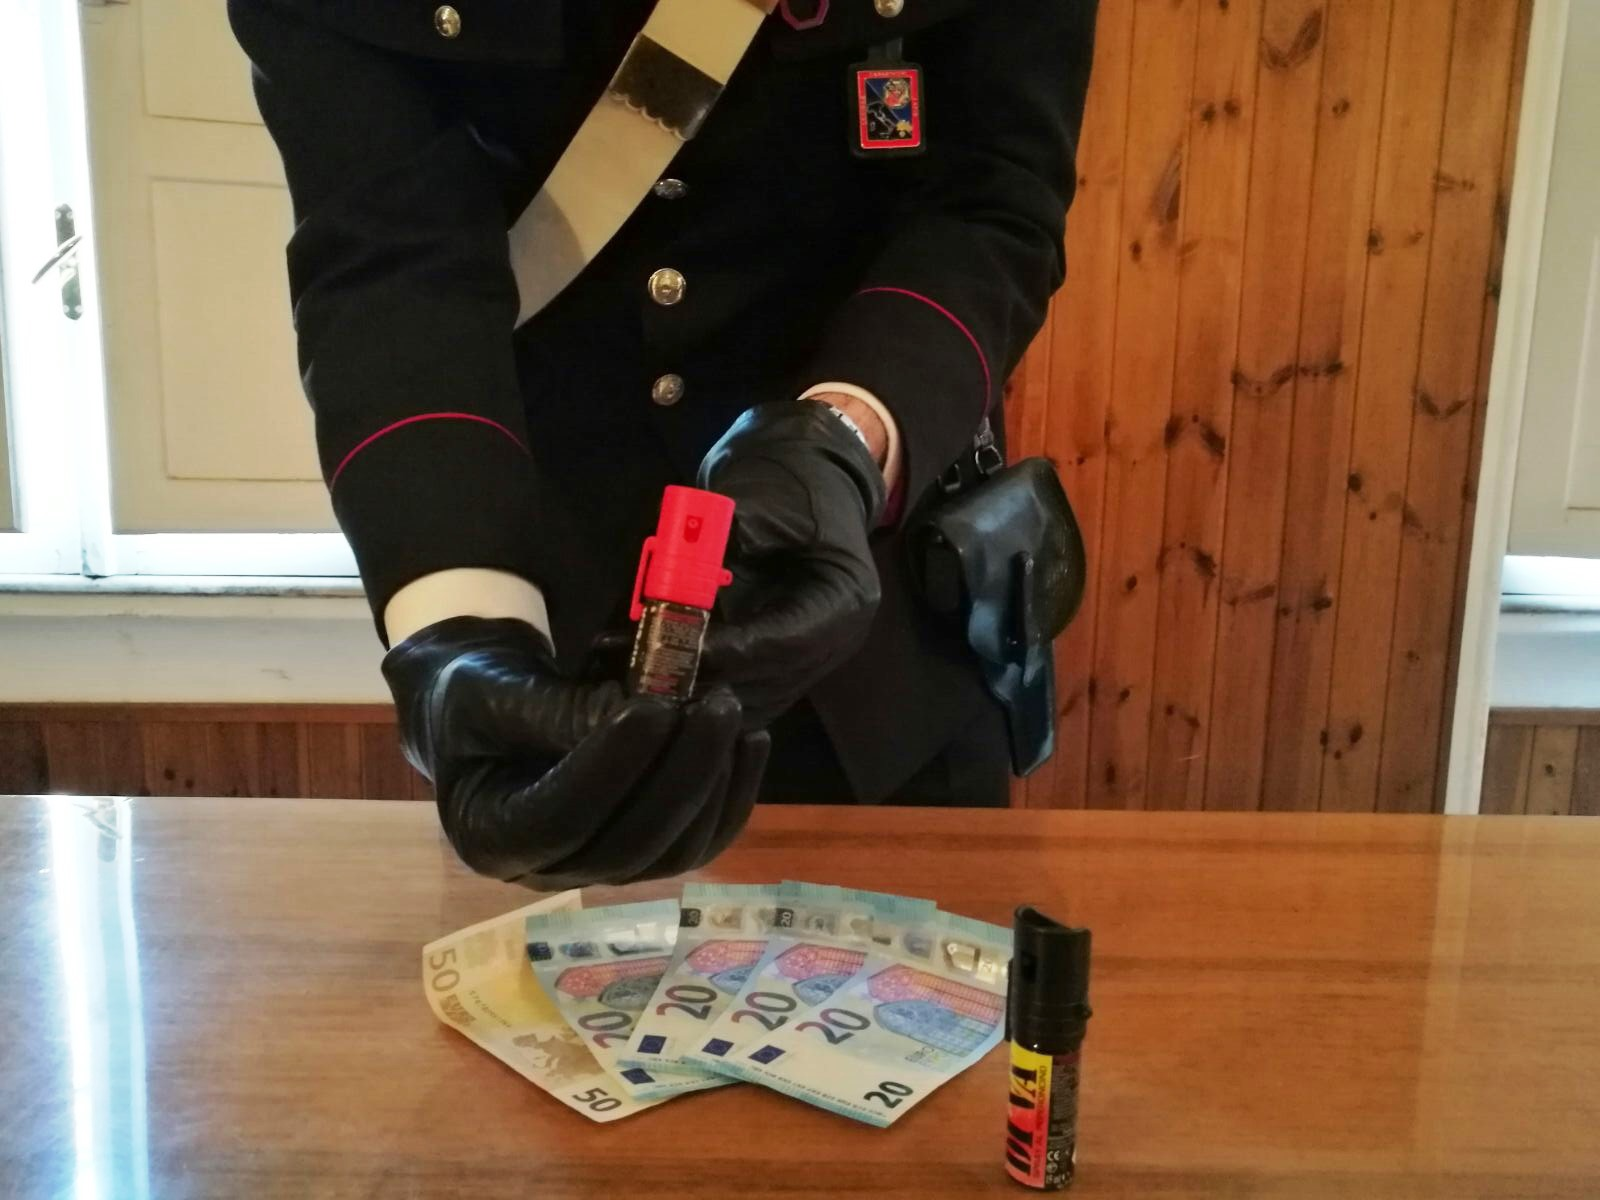 Sora, spruzzano spray urticante per rapinare un 40enne: nei guai due giovanissimi domiciliati ad Atina e Cassino